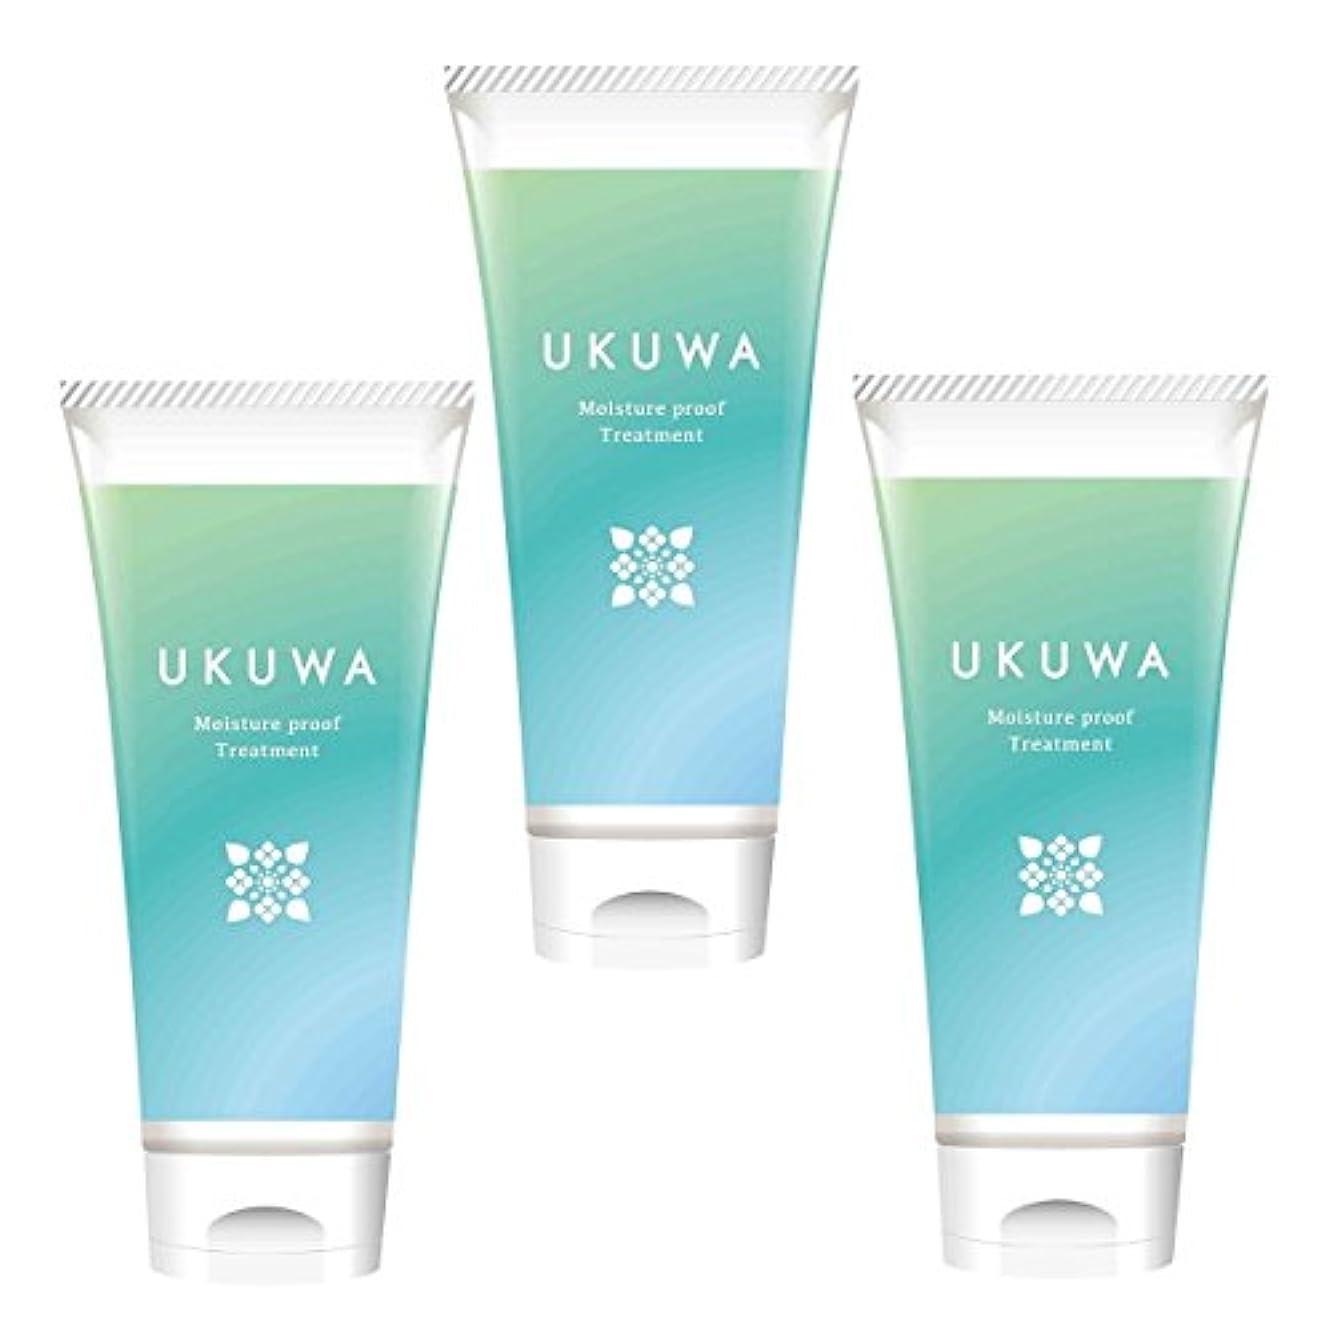 祈り出くわす小人ディアテック UKUWA(ウクワ)(雨花)モイスチャー プルーフ トリートメント 100g×3本セット